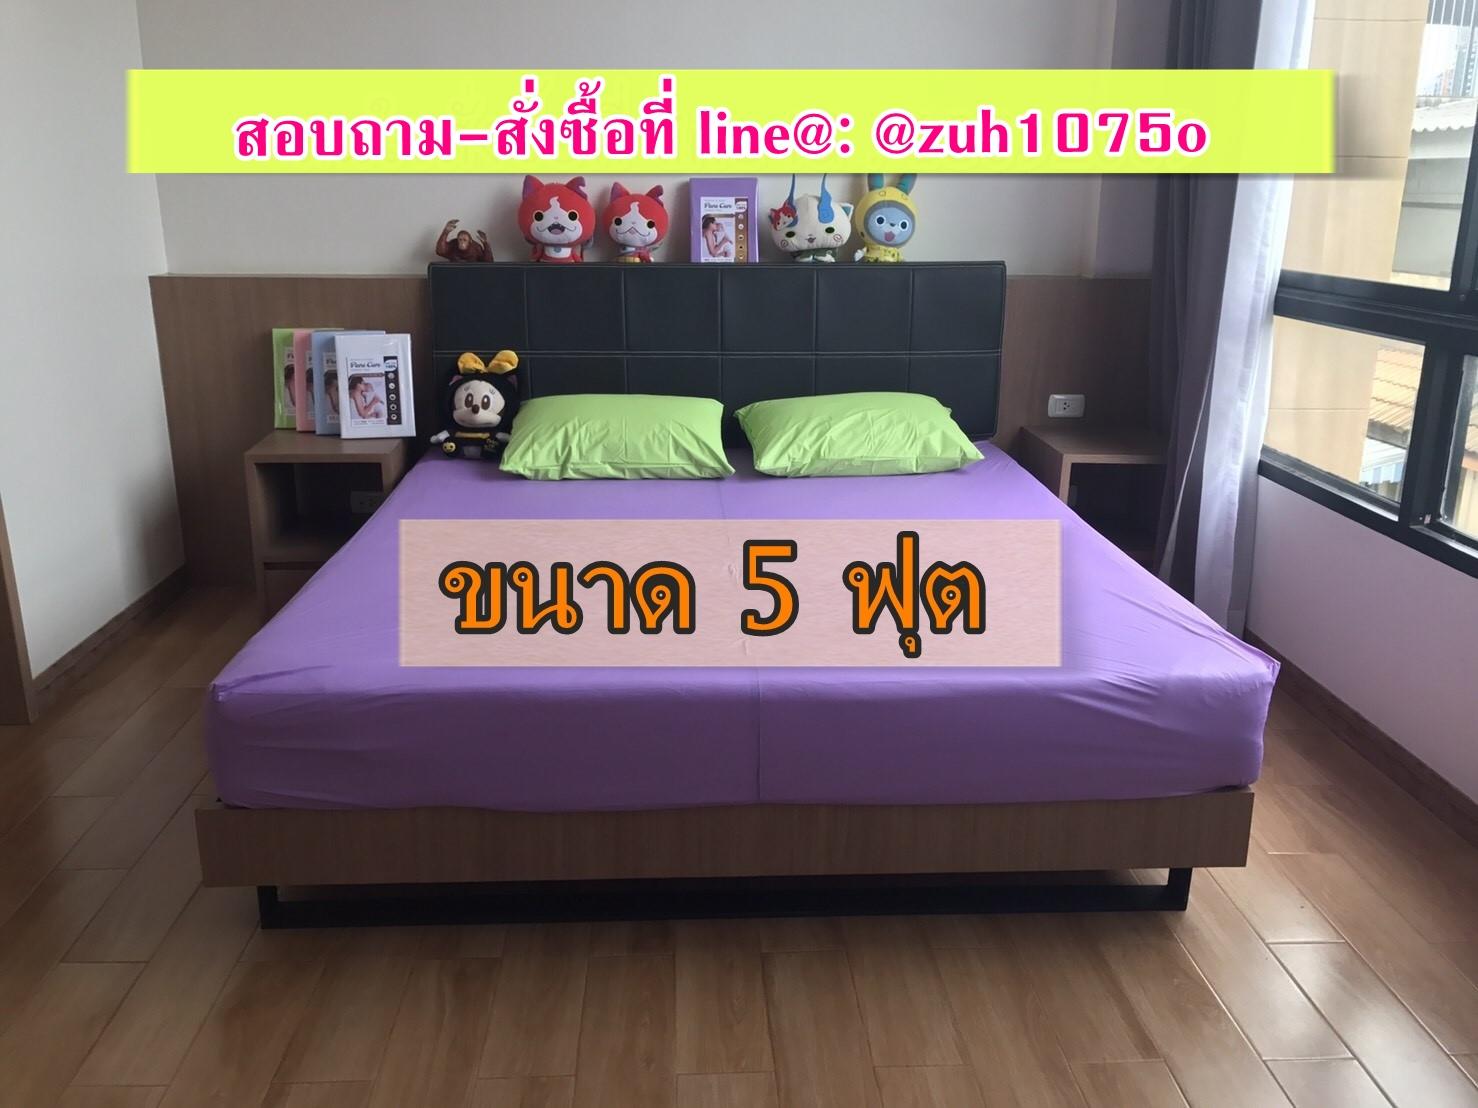 สีม่วง 5ฟุต ผ้าคลุมเตียง ผ้าปูเตียง ผ้าปูที่นอนกันน้ำ กันฉี่ กันไรฝุ่น กันเปื้อน 390บาท